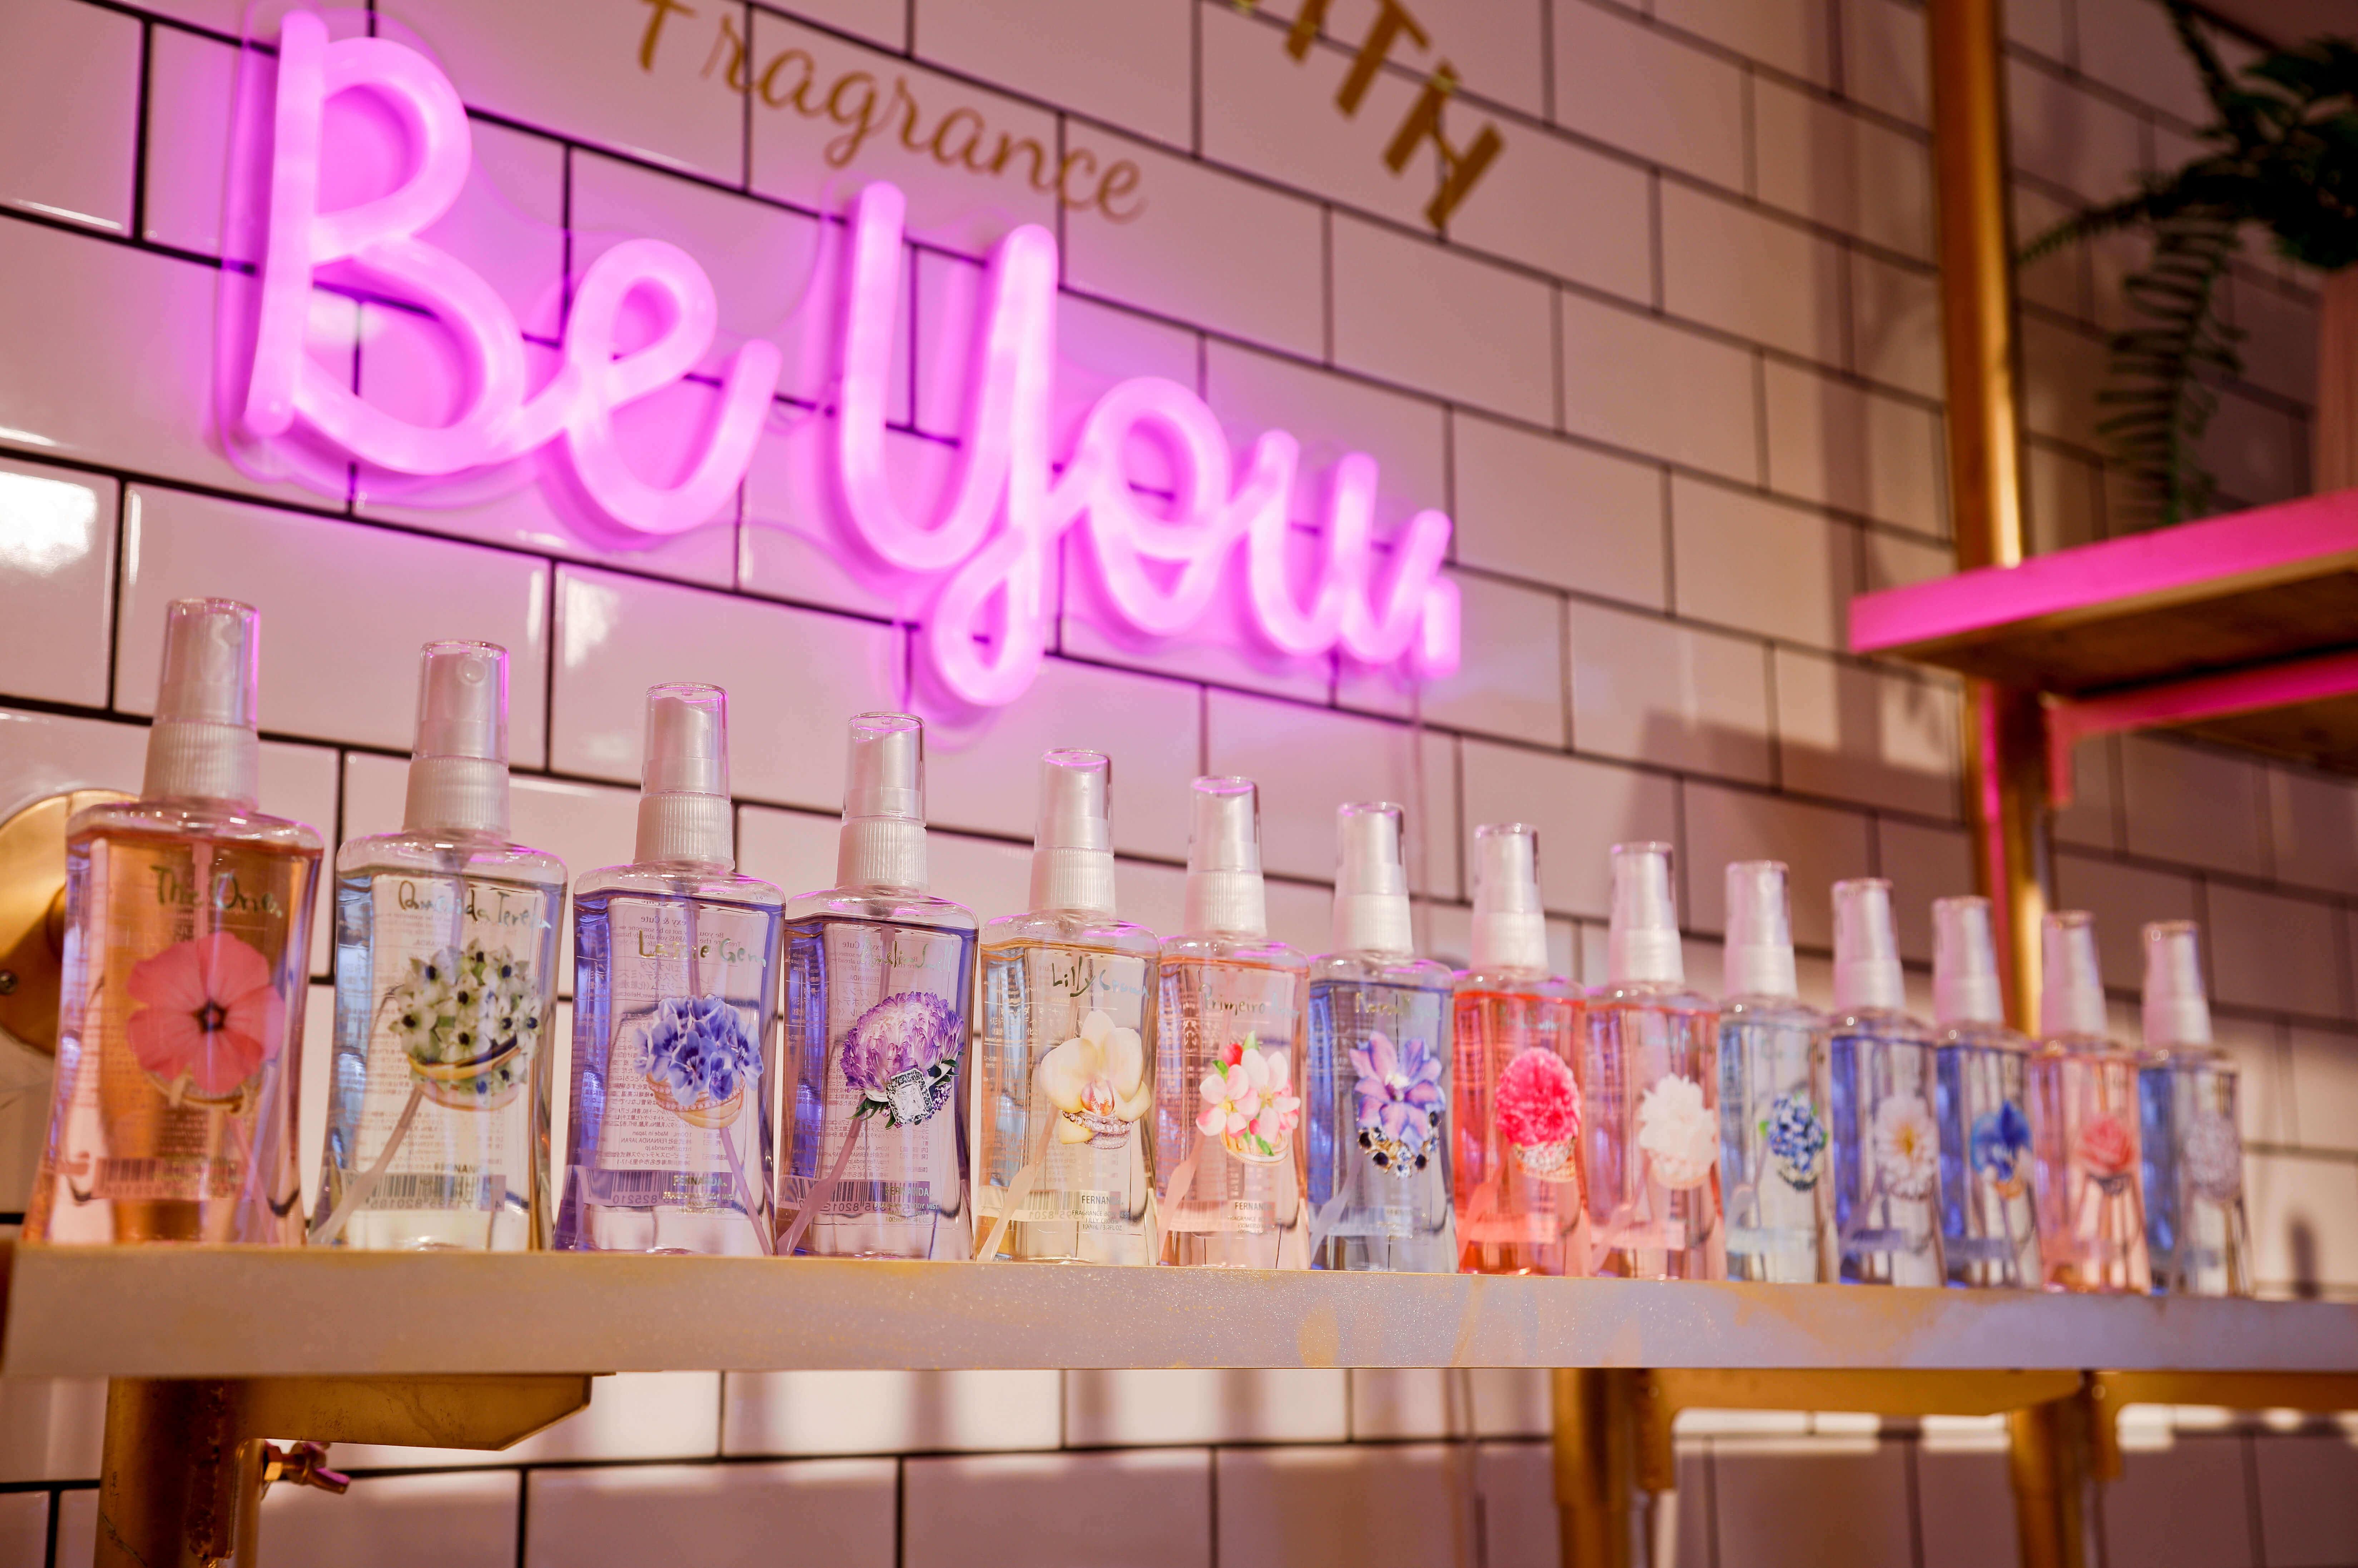 天王寺ミオ店 SNSで話題のフレグランスブランドのスタッフ募集!のカバー写真